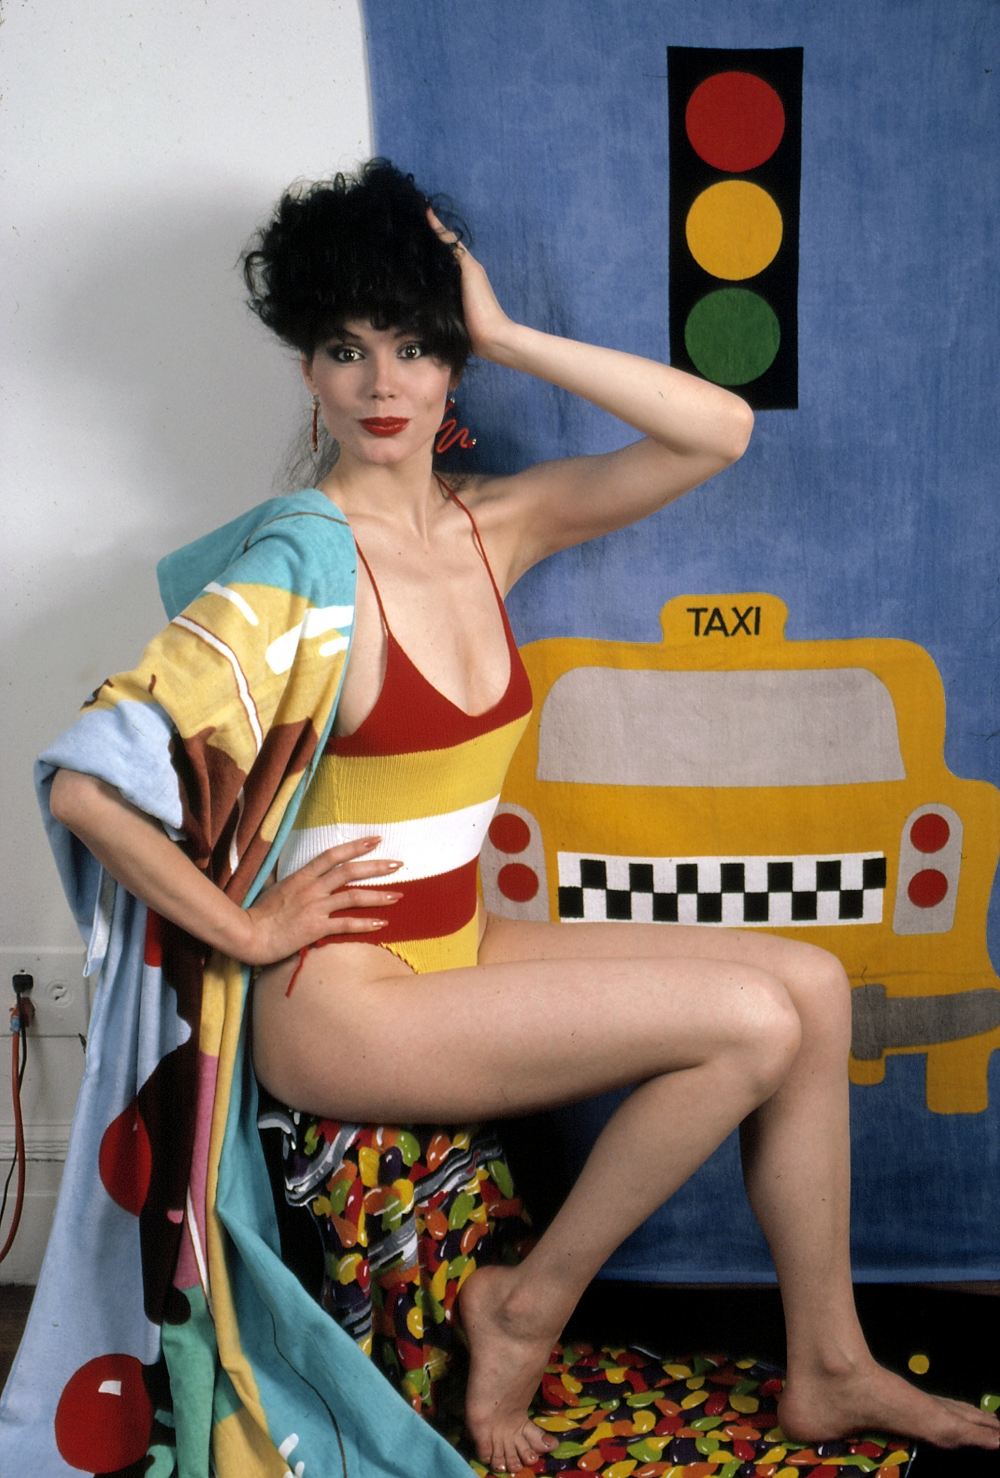 Geena Davis - Photo Actress